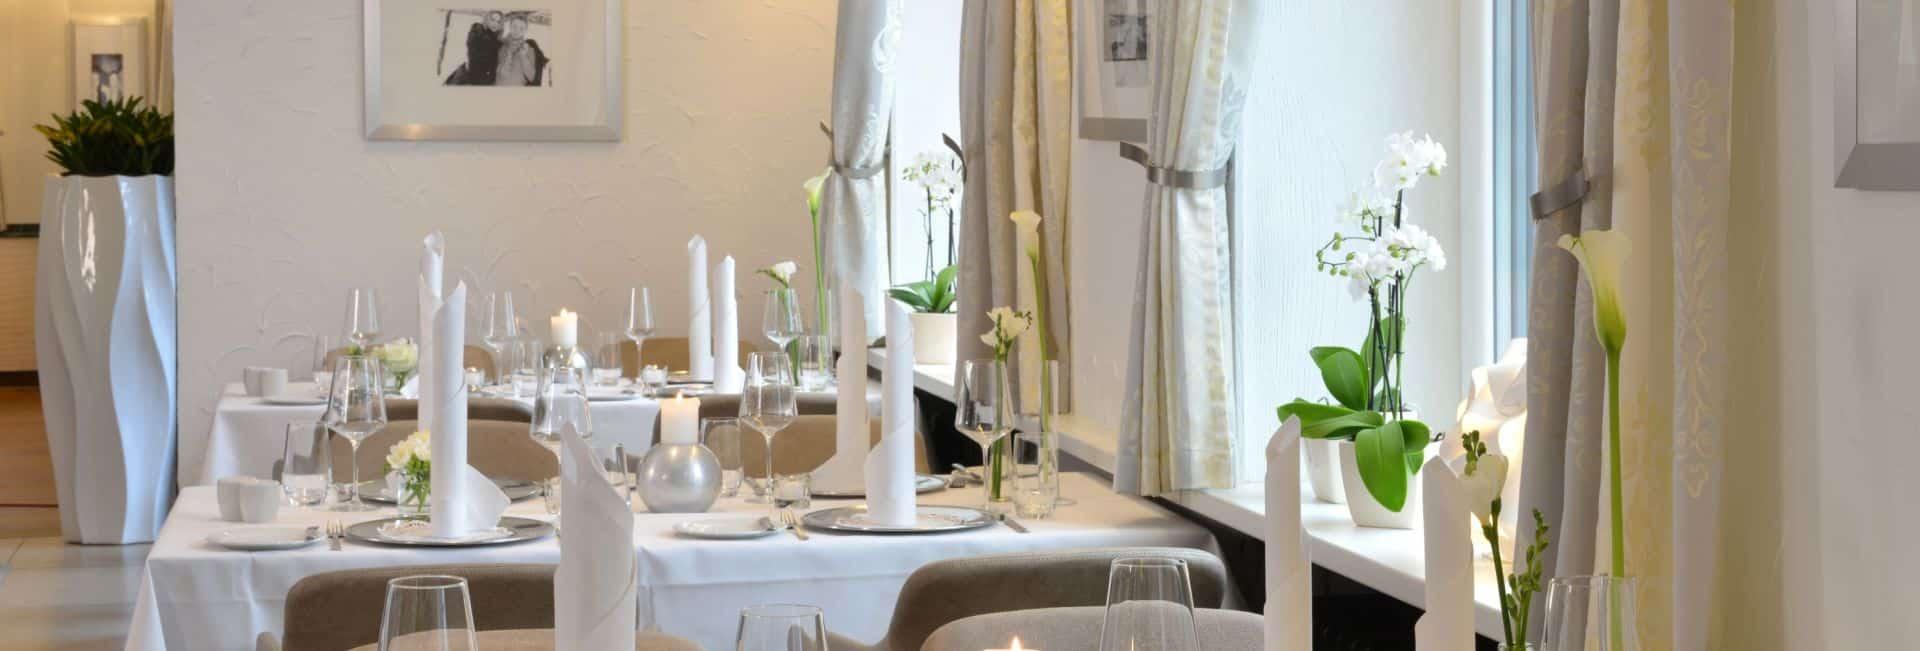 Restaurant Zur Bockmühle Tische weiß eingedeckt